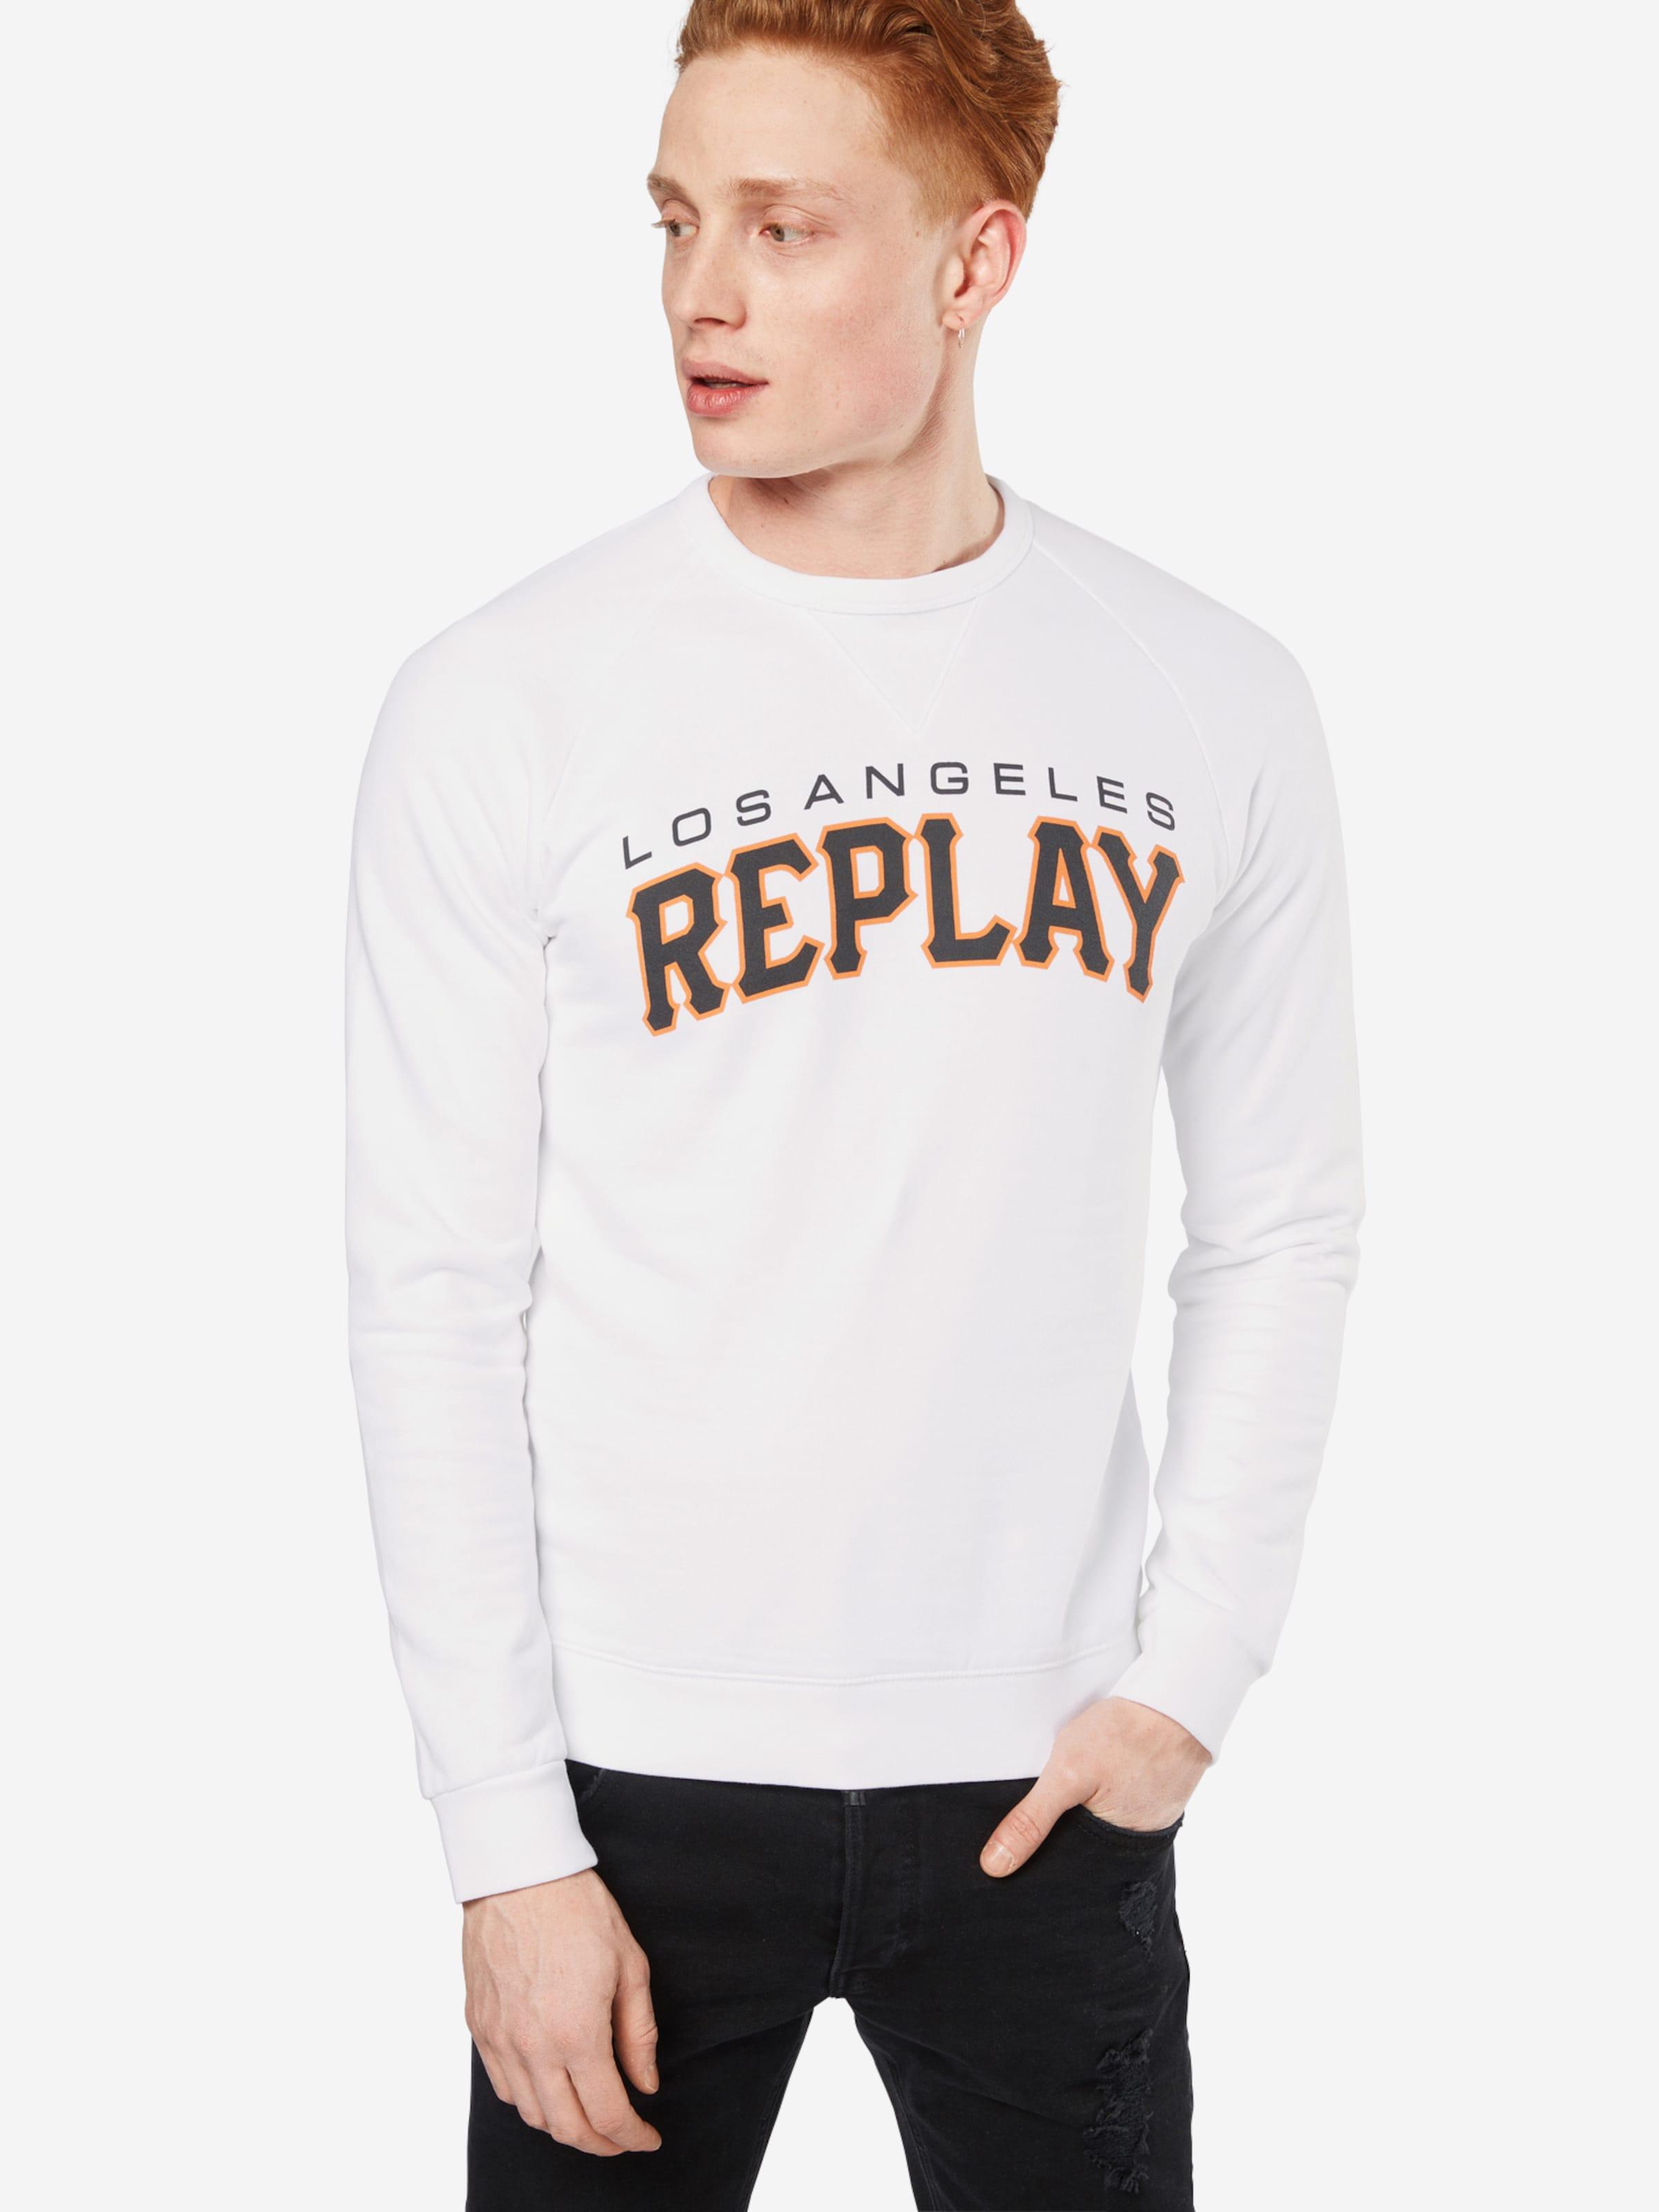 Günstig Kaufen Spielraum Store REPLAY Sweatshirt Billig Verkauf Niedriger Preis Rabatt Billig Heißen Verkauf ta43UbsO0